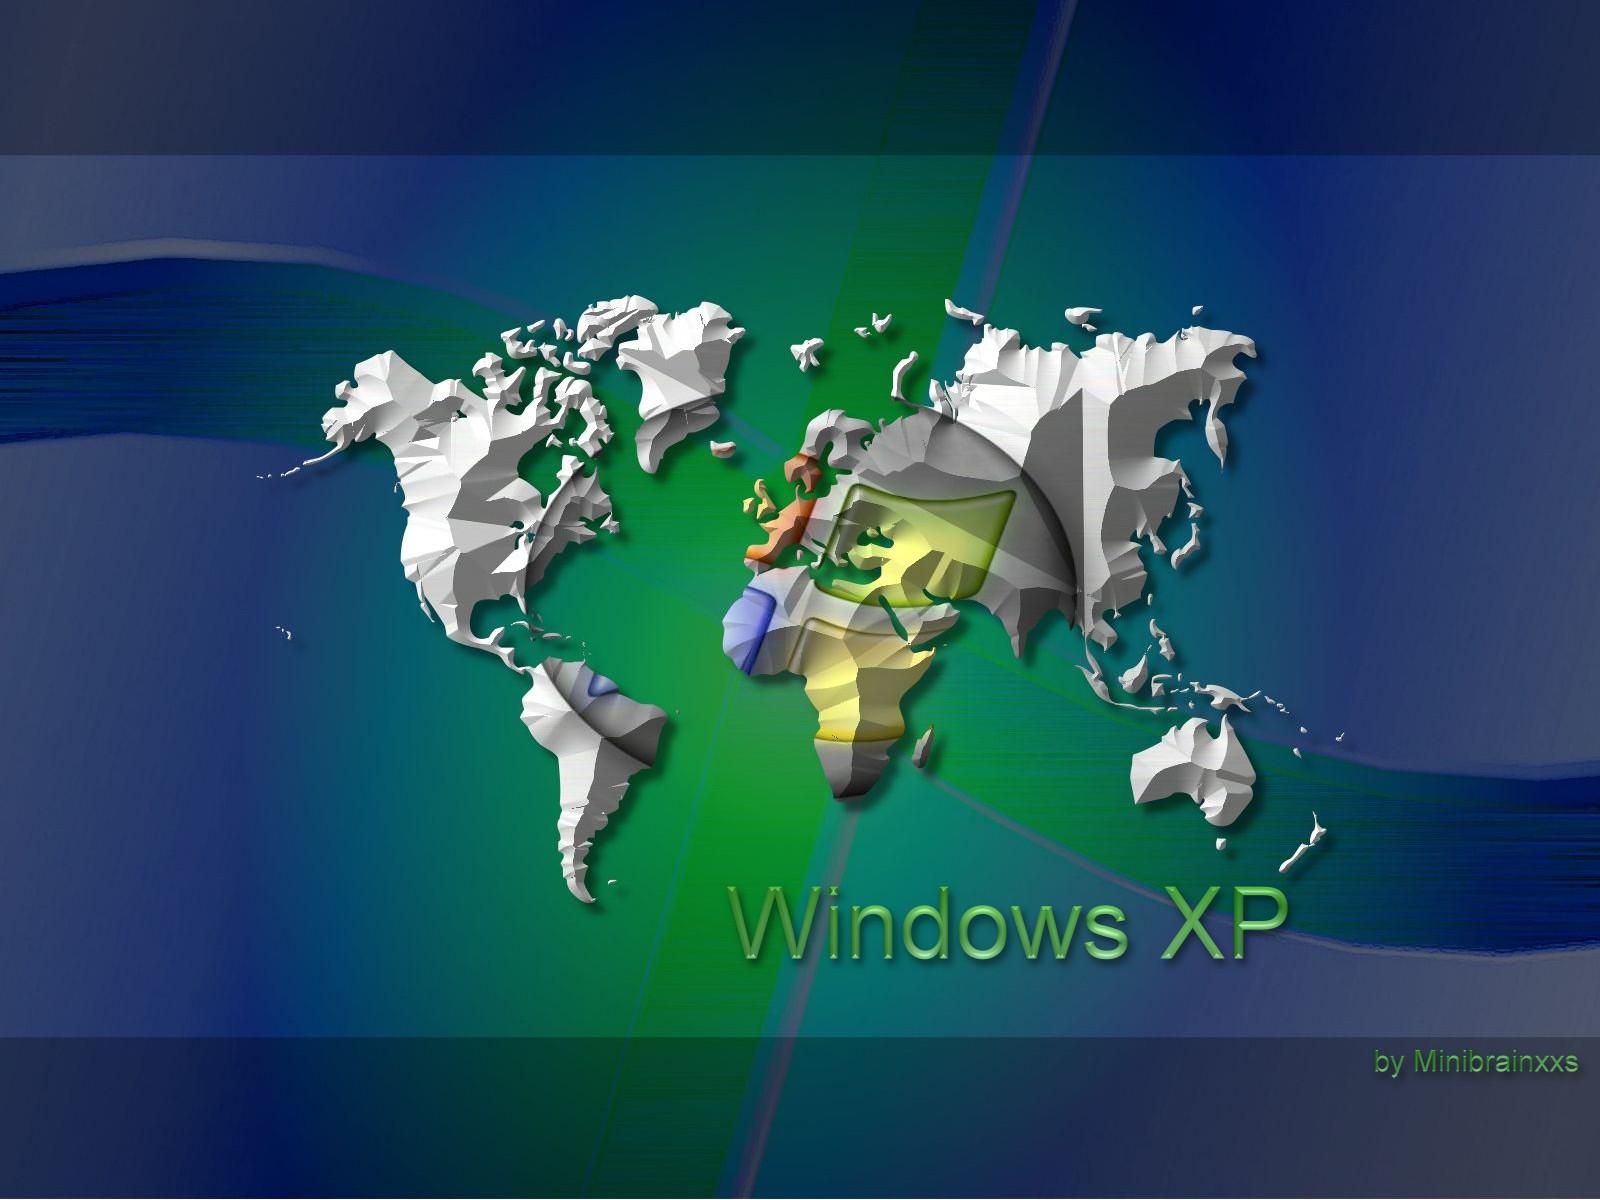 http://2.bp.blogspot.com/-1ySFXSDnPH0/TZXttiSw4jI/AAAAAAAAIBc/Xy-SYmUdeTo/s1600/1-3D-Heart-Wallpaper-windows7-windows-vista-windows-xp-latest-2011-hd-high-quality-wallpapers-3d-xp-wallpapers-cool-xp-vista-lucy-pinder-indian-tamil-pakistani-arabic-wallpape